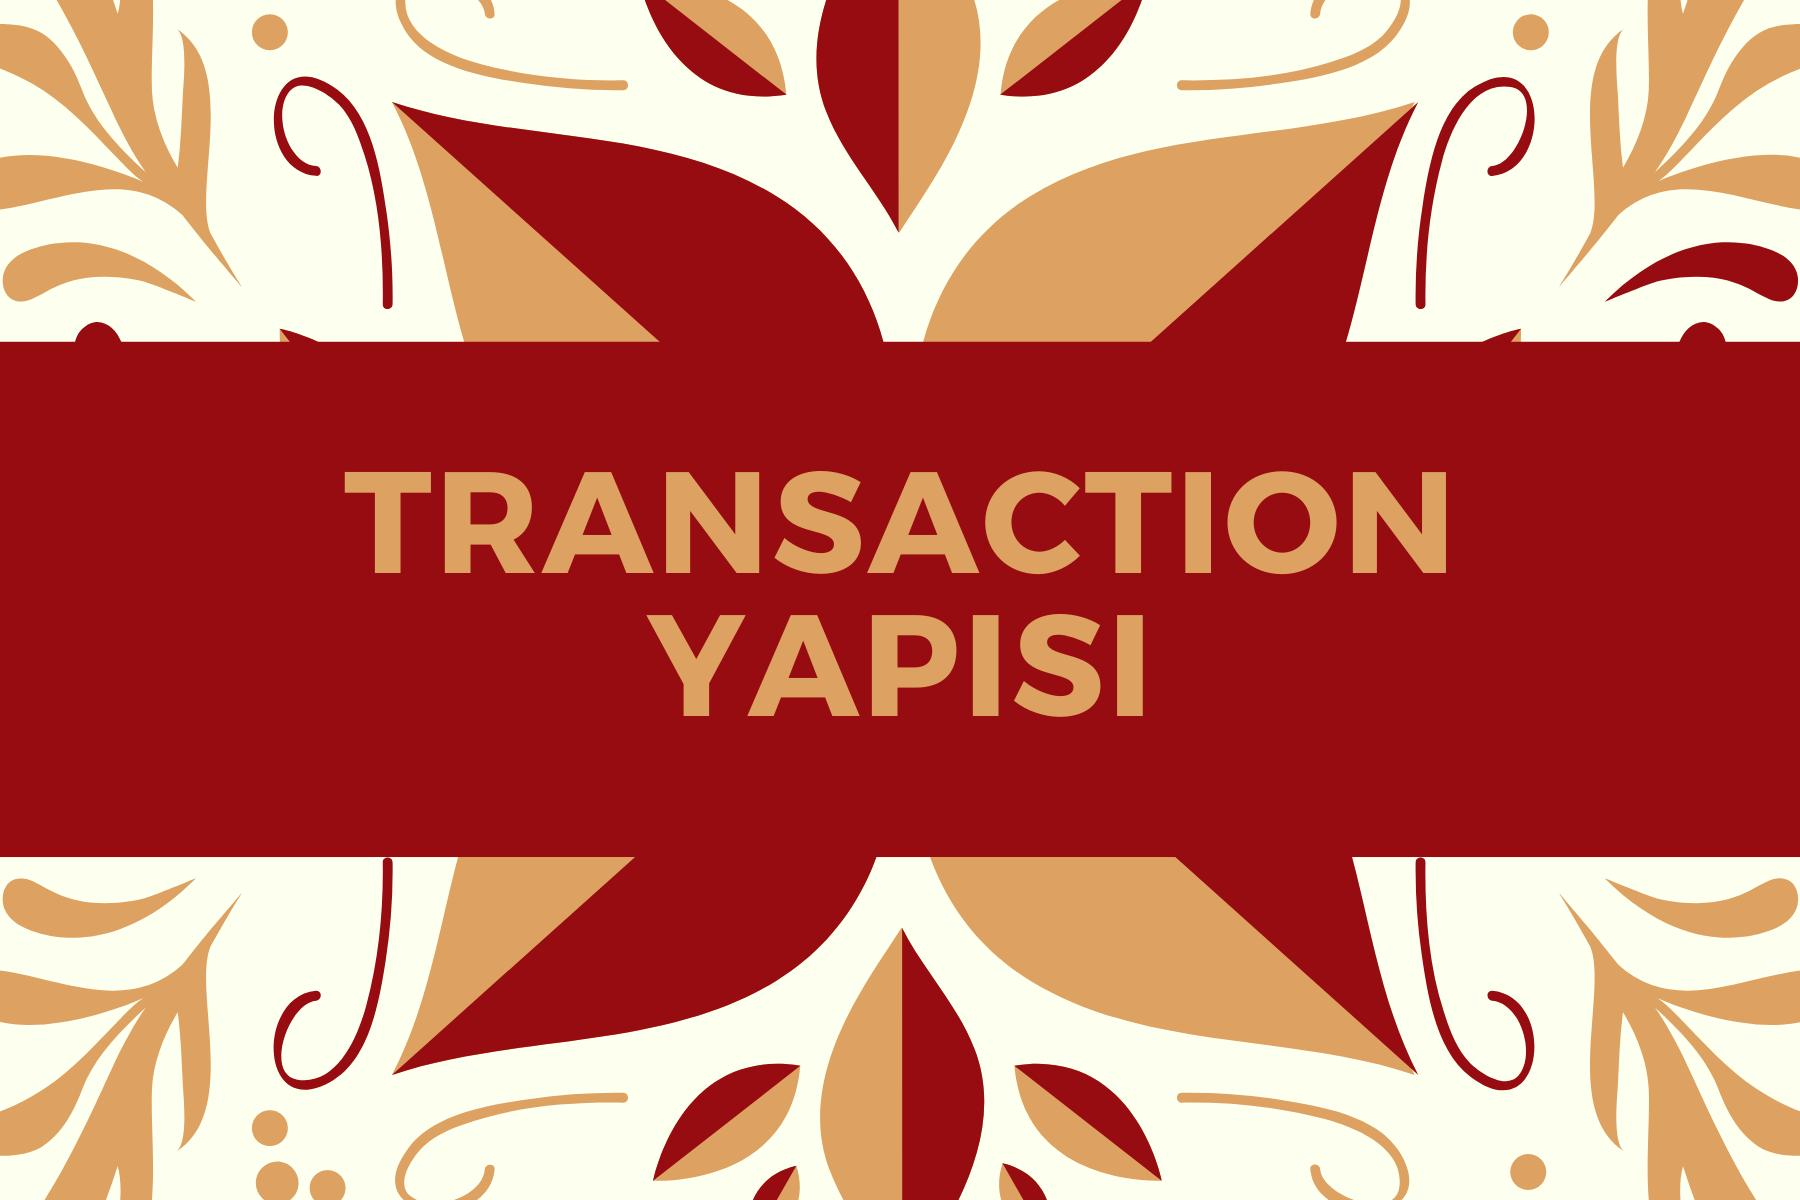 Transaction Yapısı